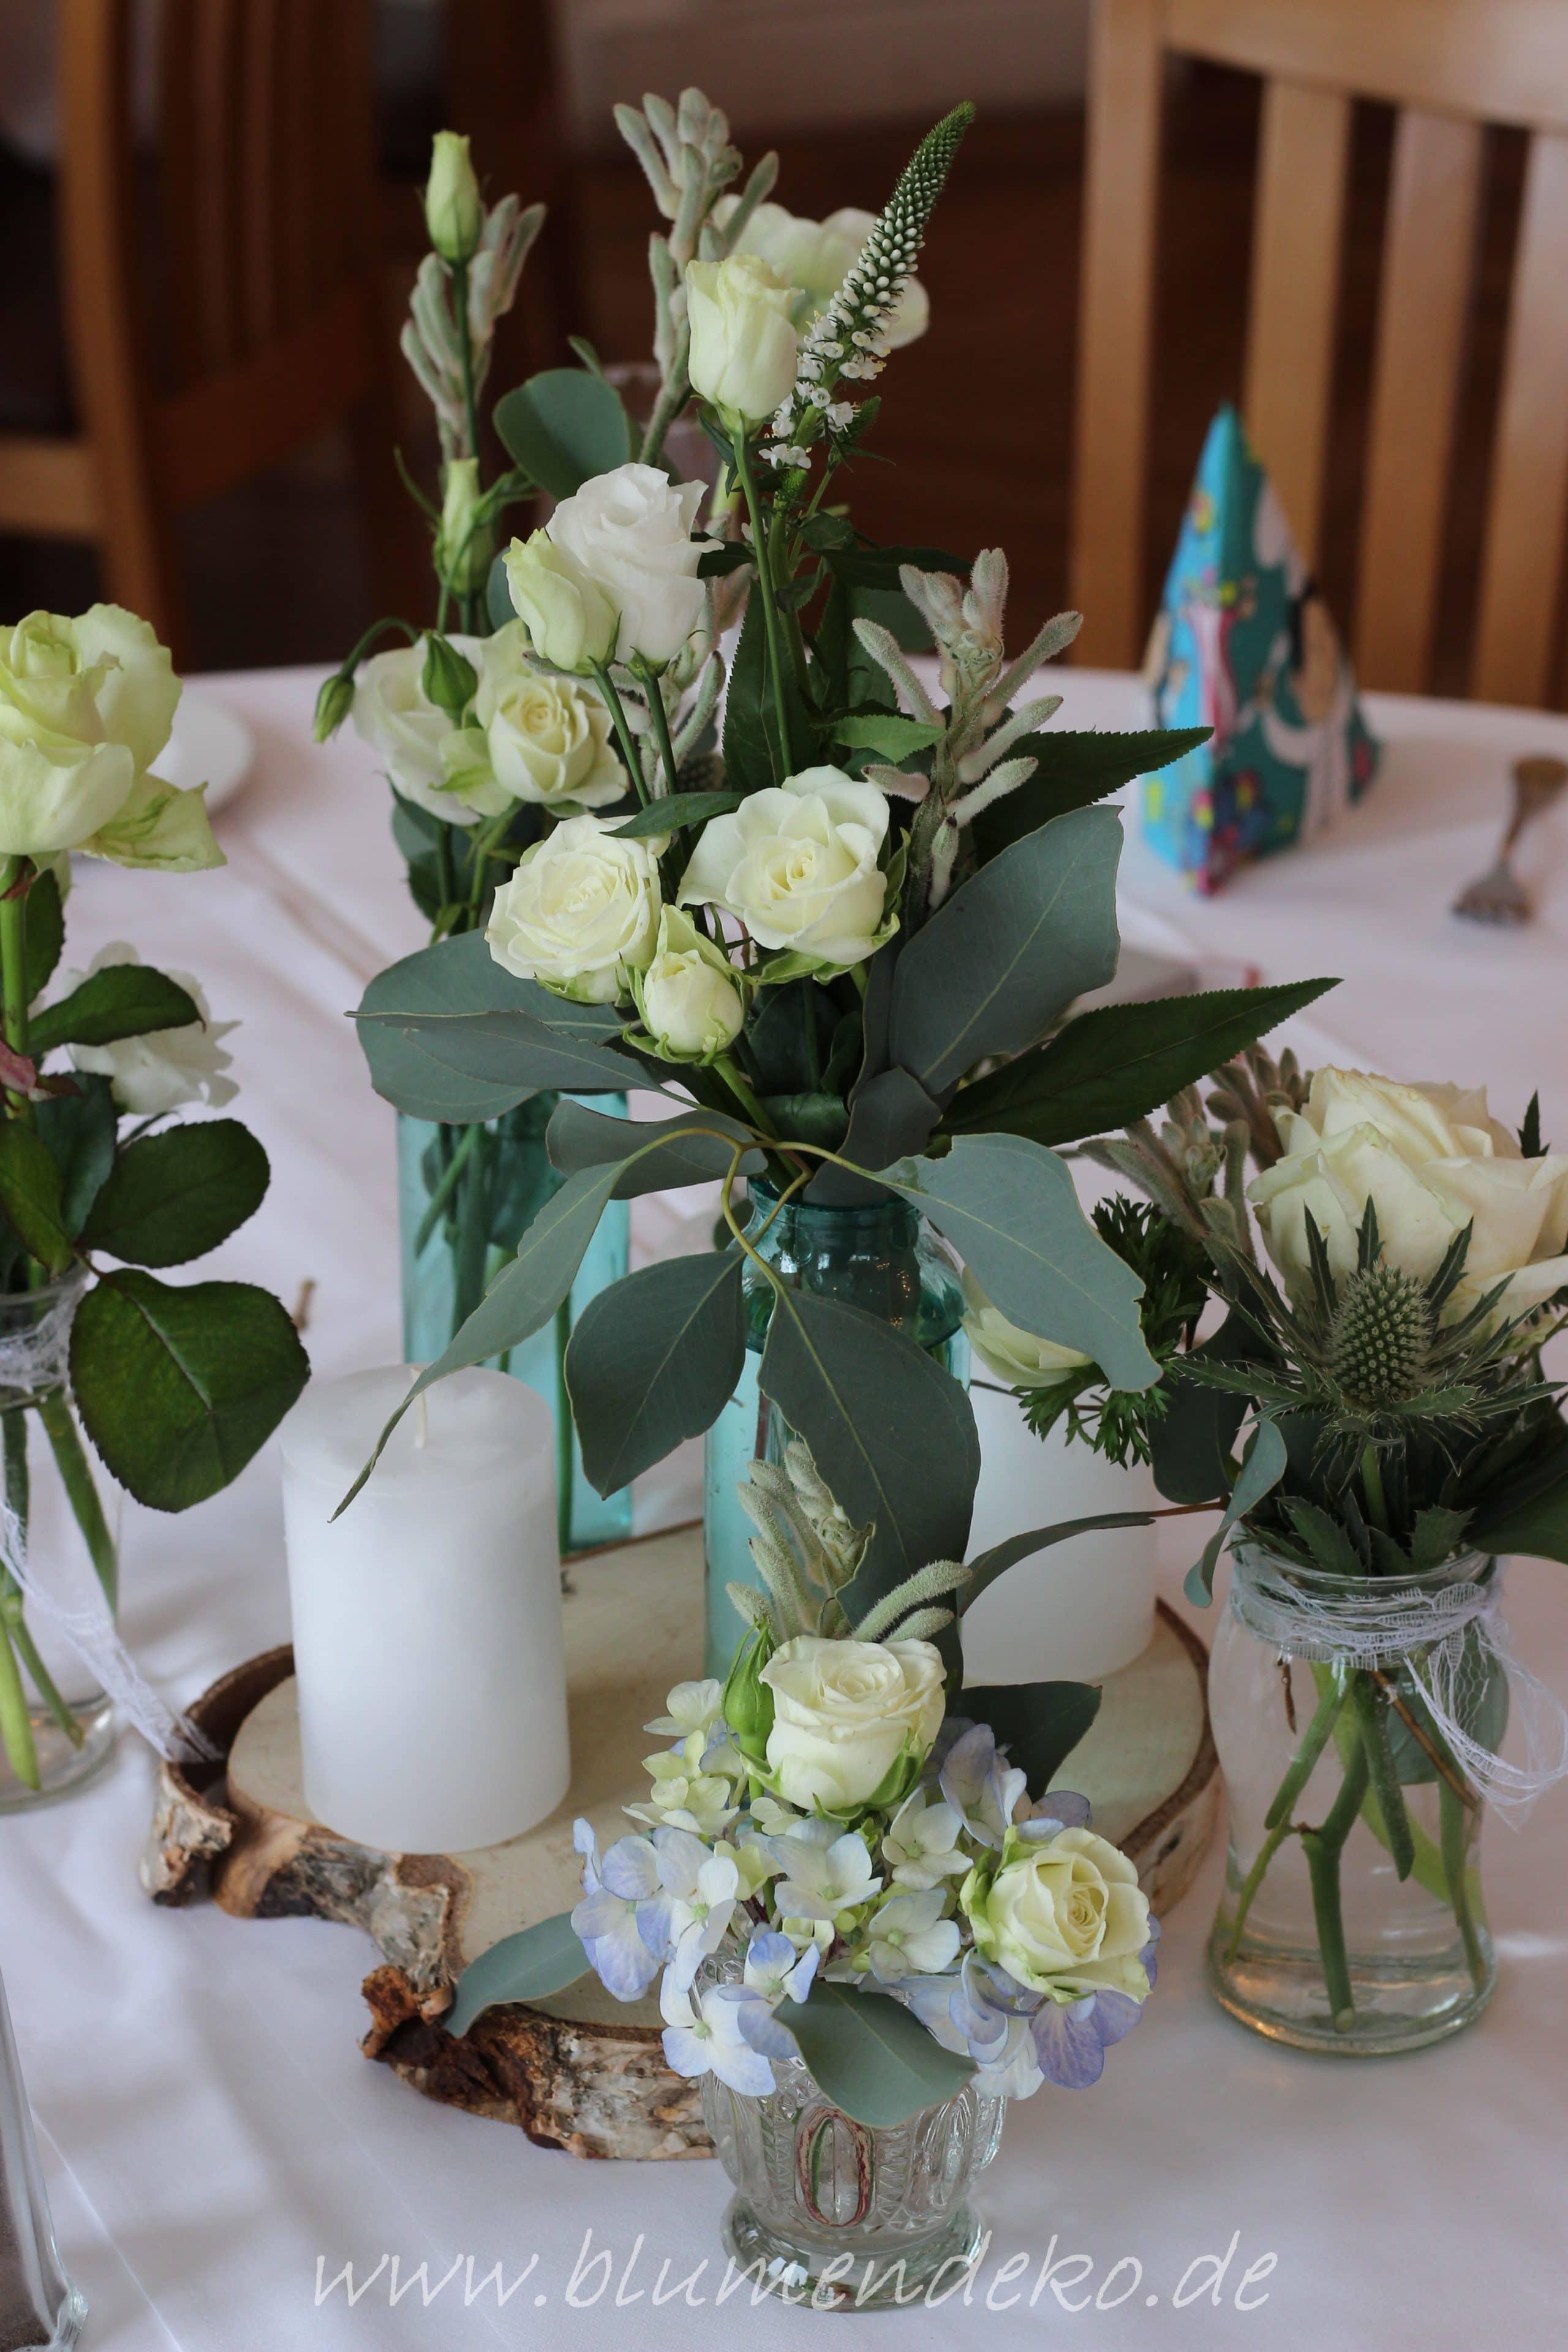 Hochzeit Im Februar Mit Winterlicher Blumendekoration